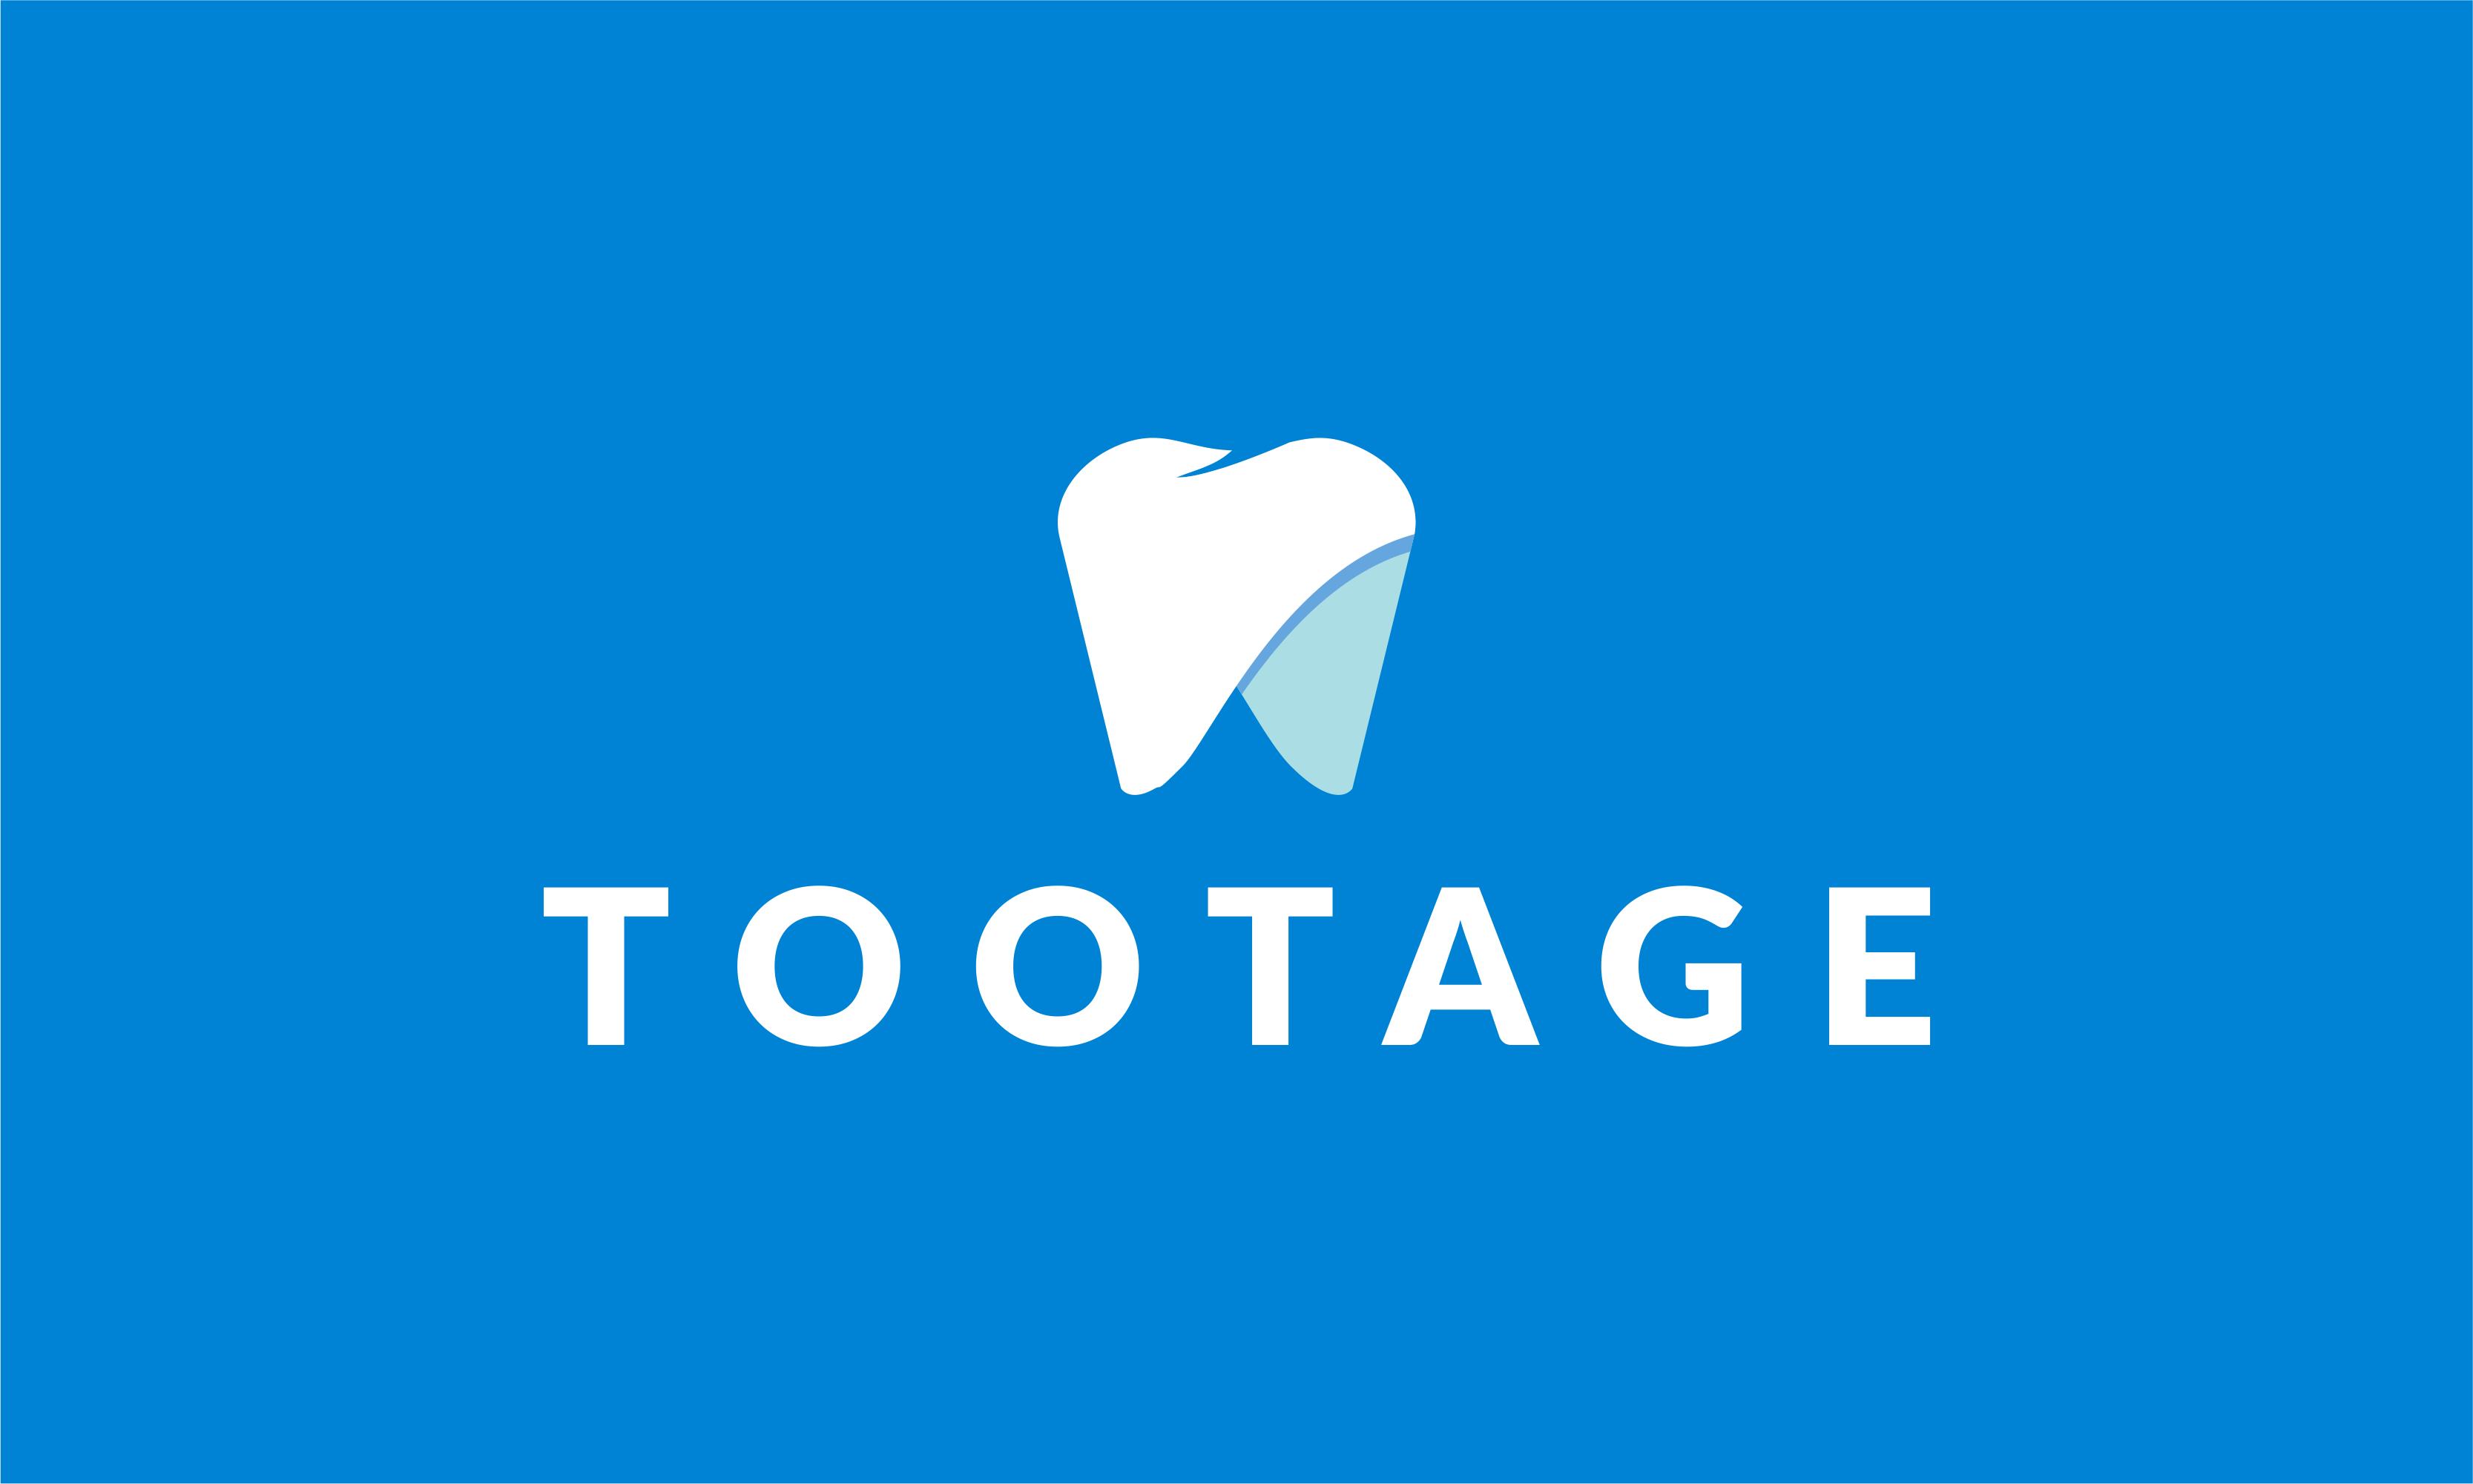 Tootage